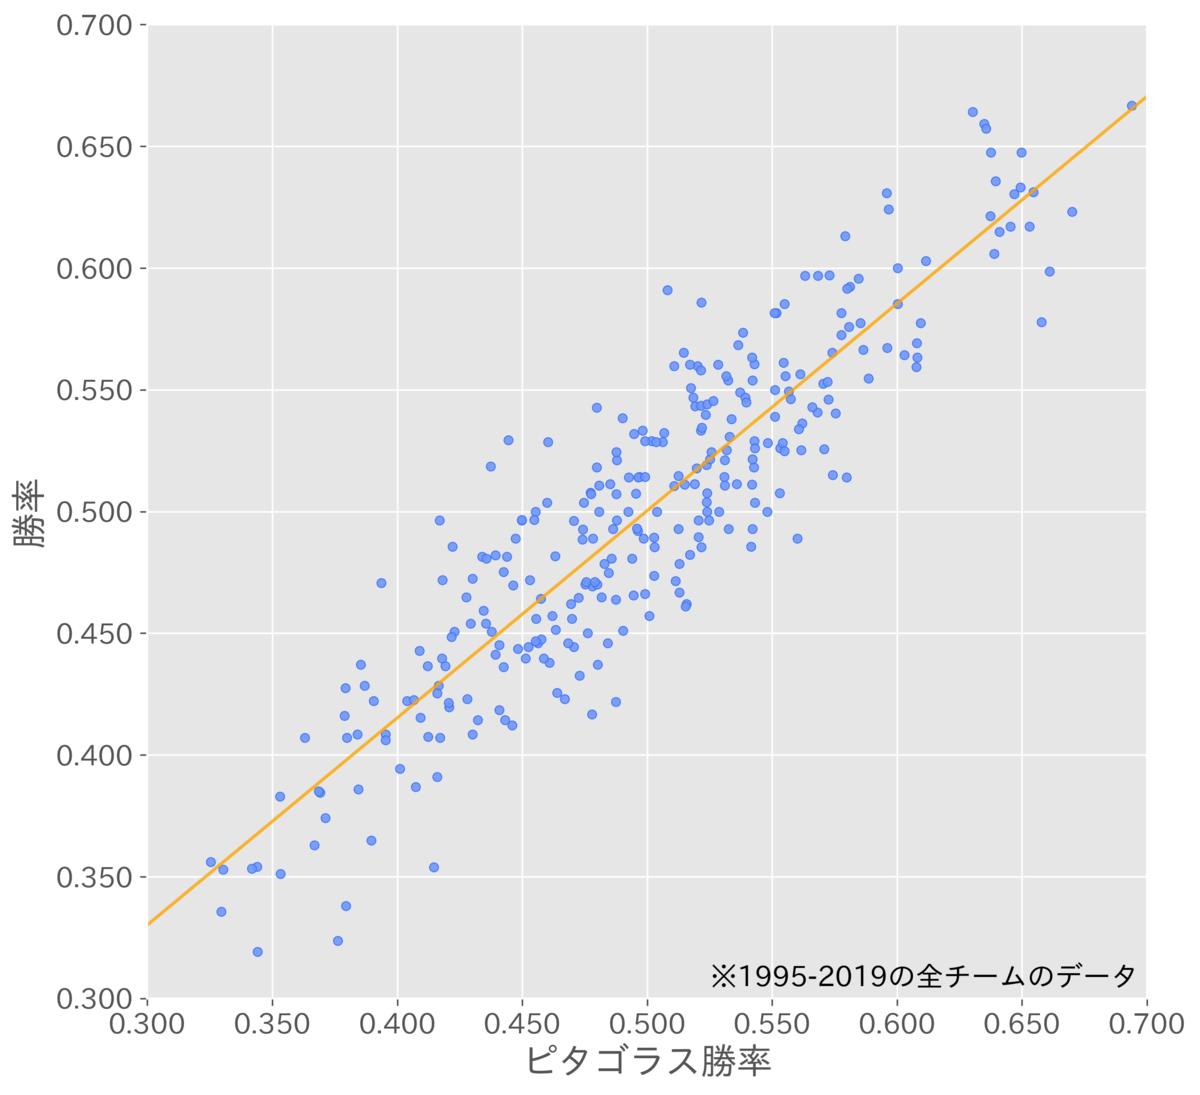 f:id:hatuyuki4:20210409100958p:plain:w500